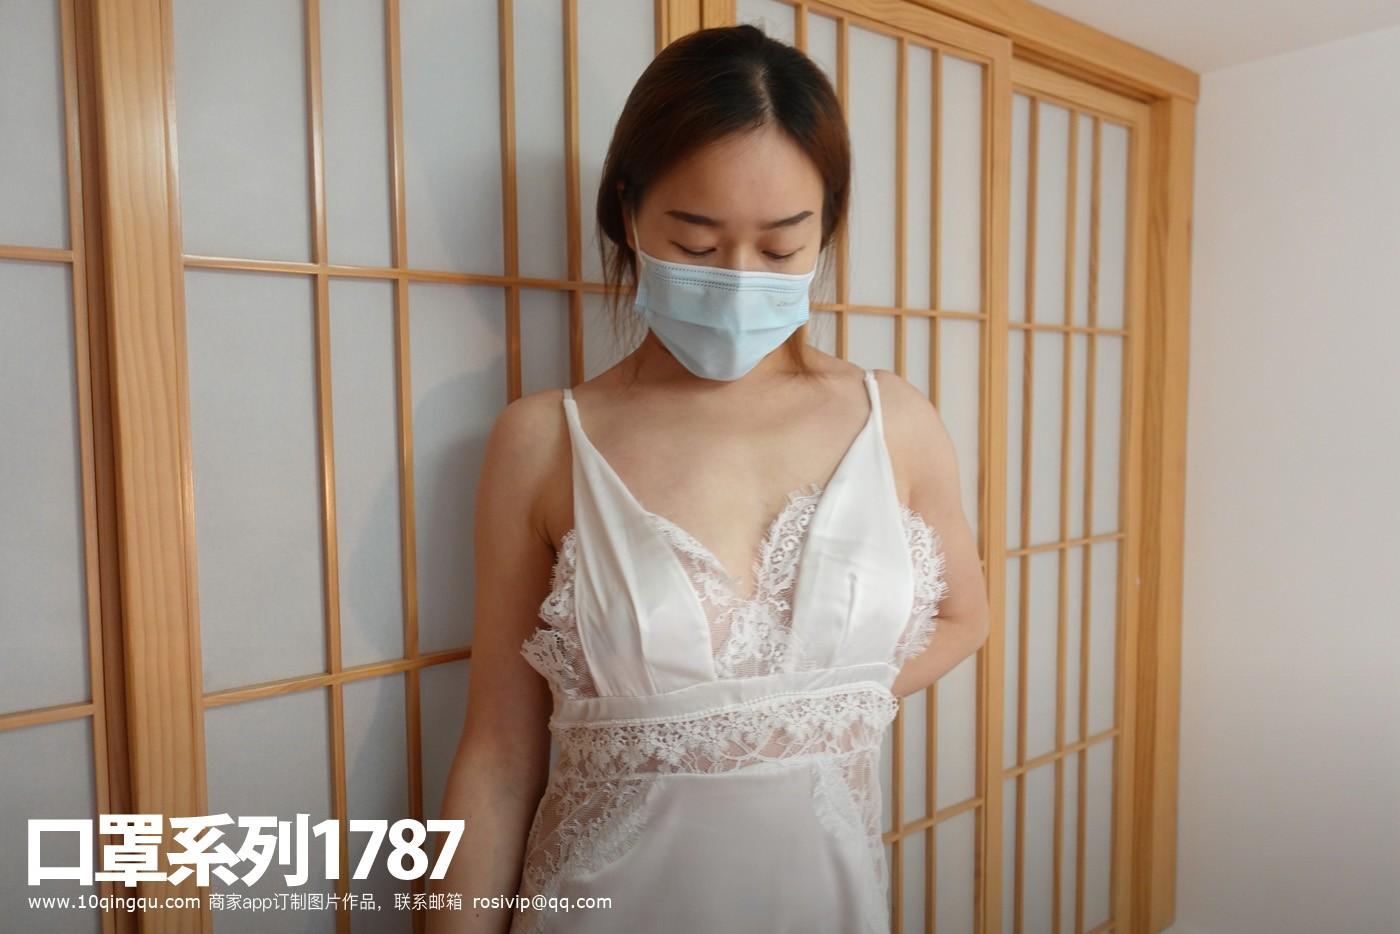 口罩系列1787套装 一套